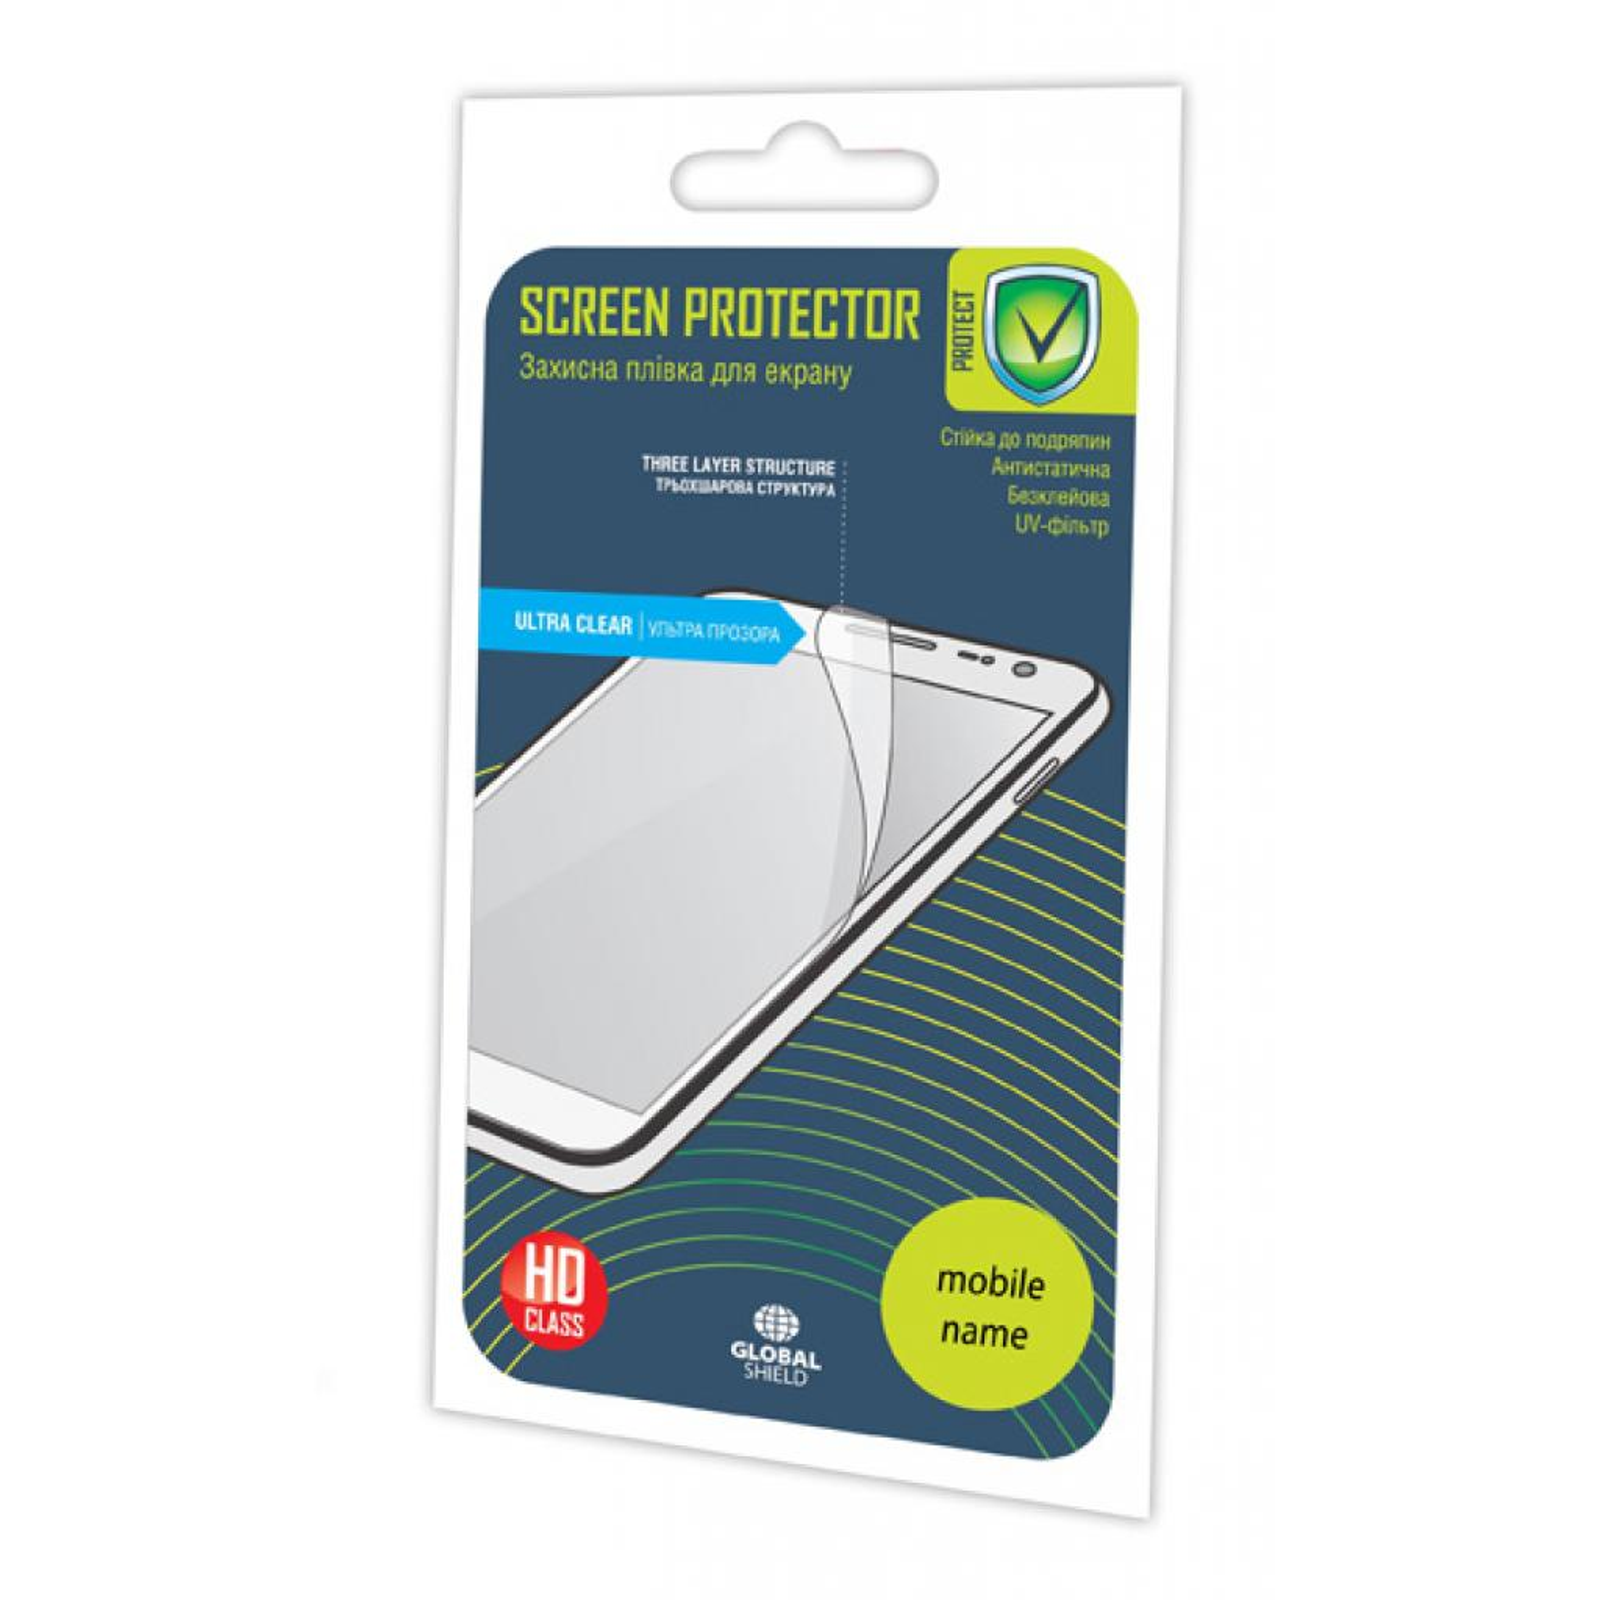 Пленка защитная GLOBAL Apple iPhone 5/5S (1283126454486)